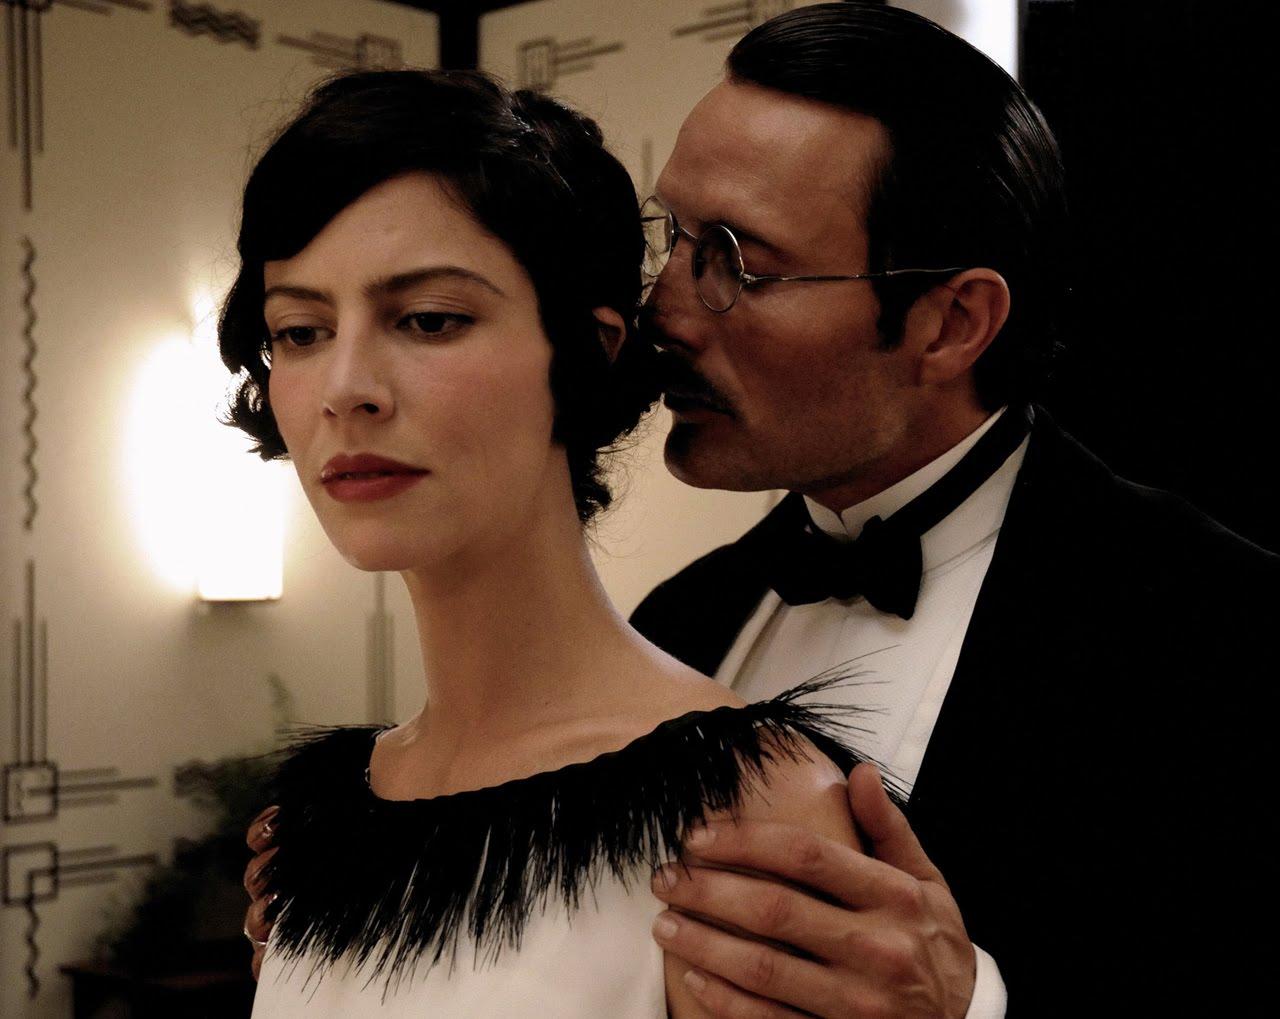 468ac189990 Bons motivos para assistir o filme Coco Chanel   Igor Stravinsky